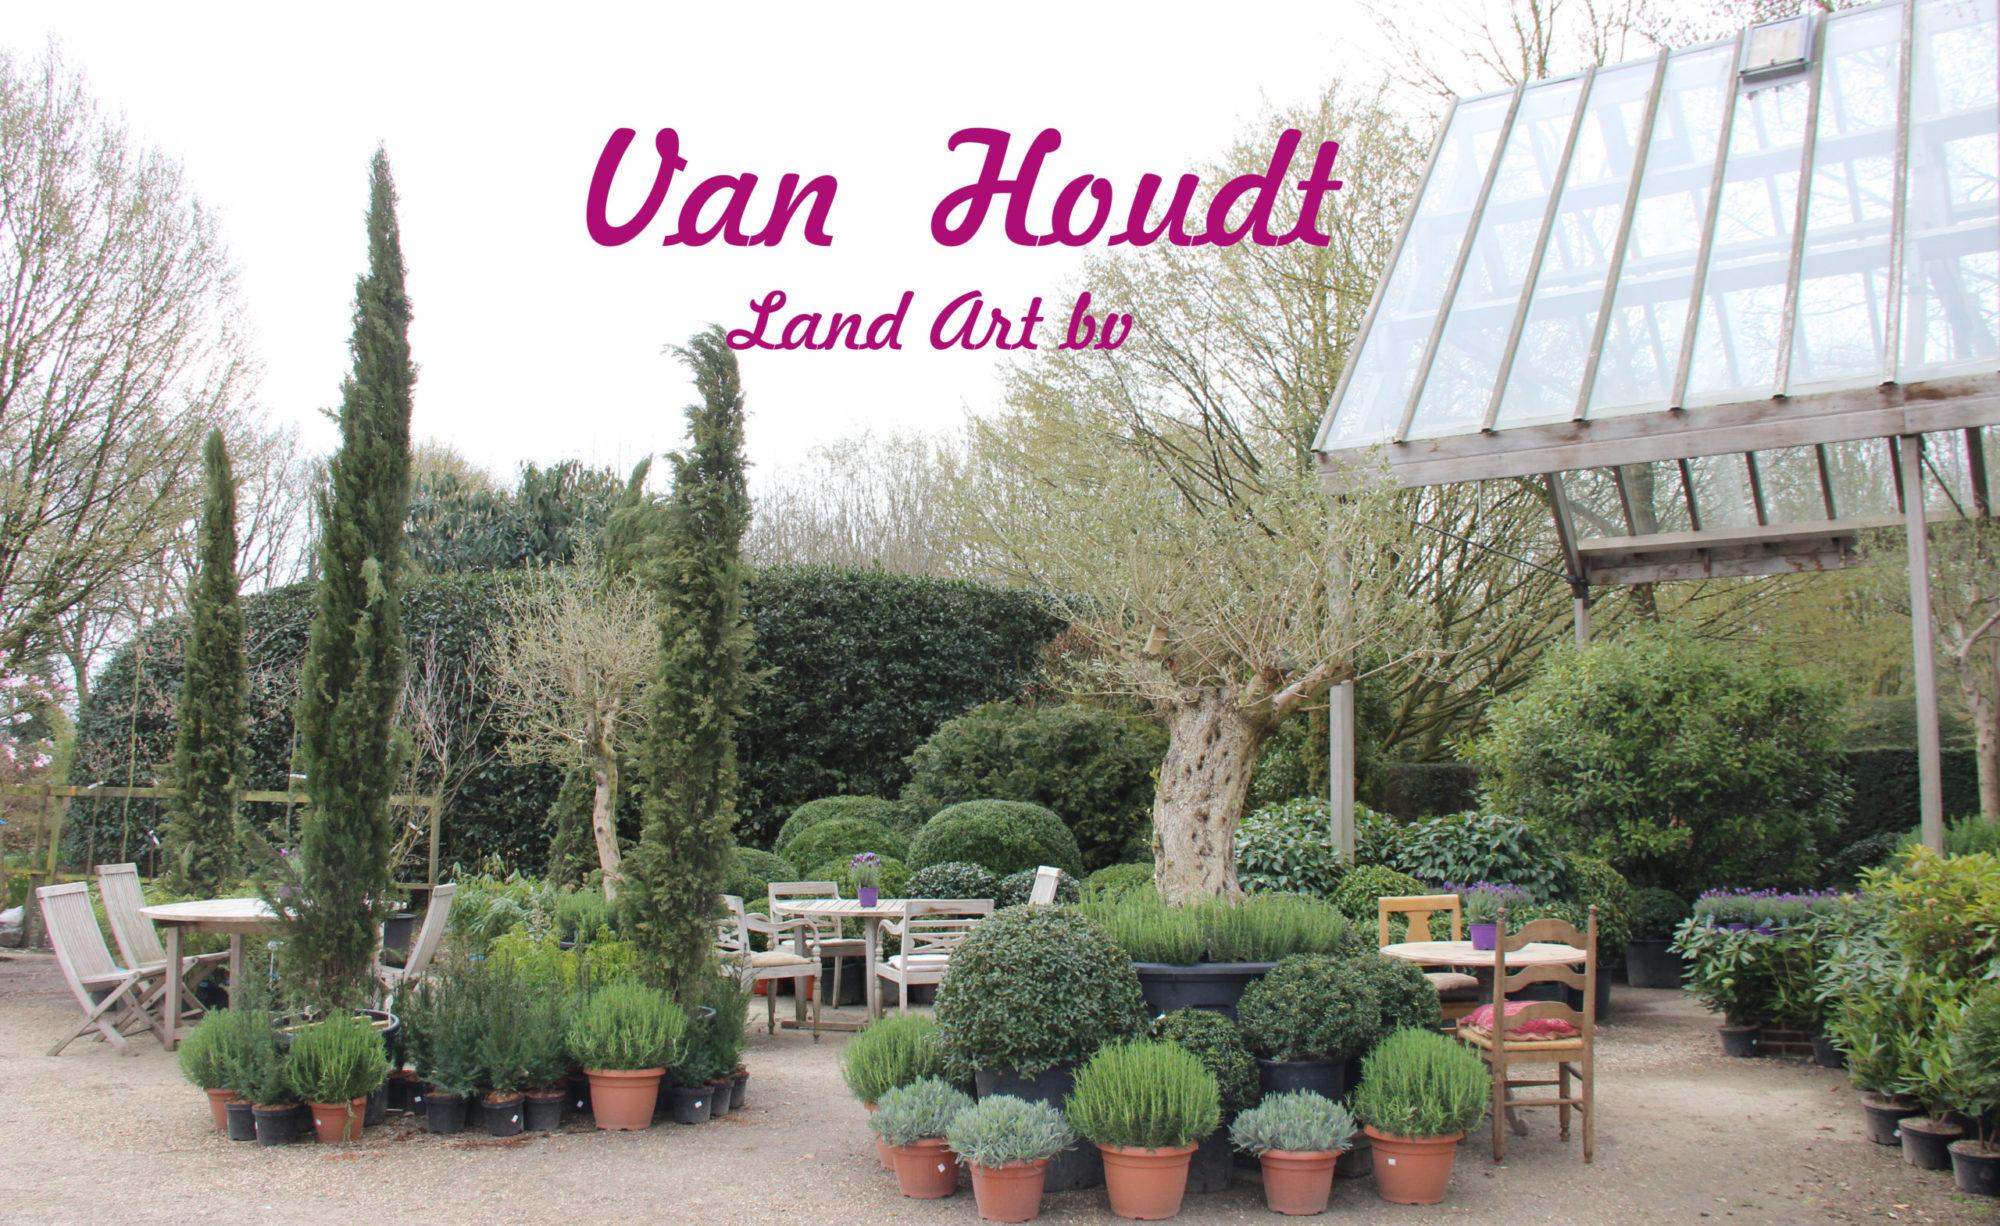 Van Houdt